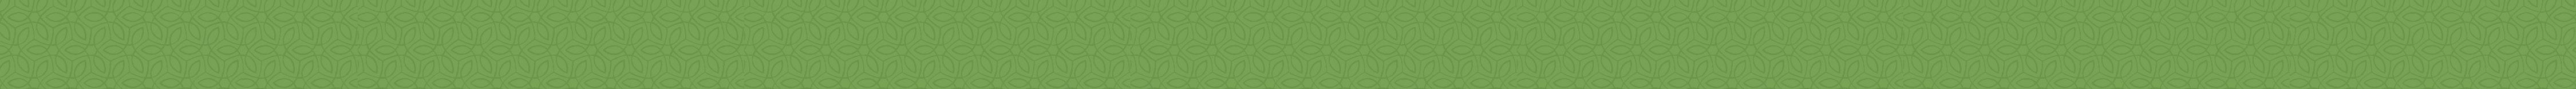 green texture bar